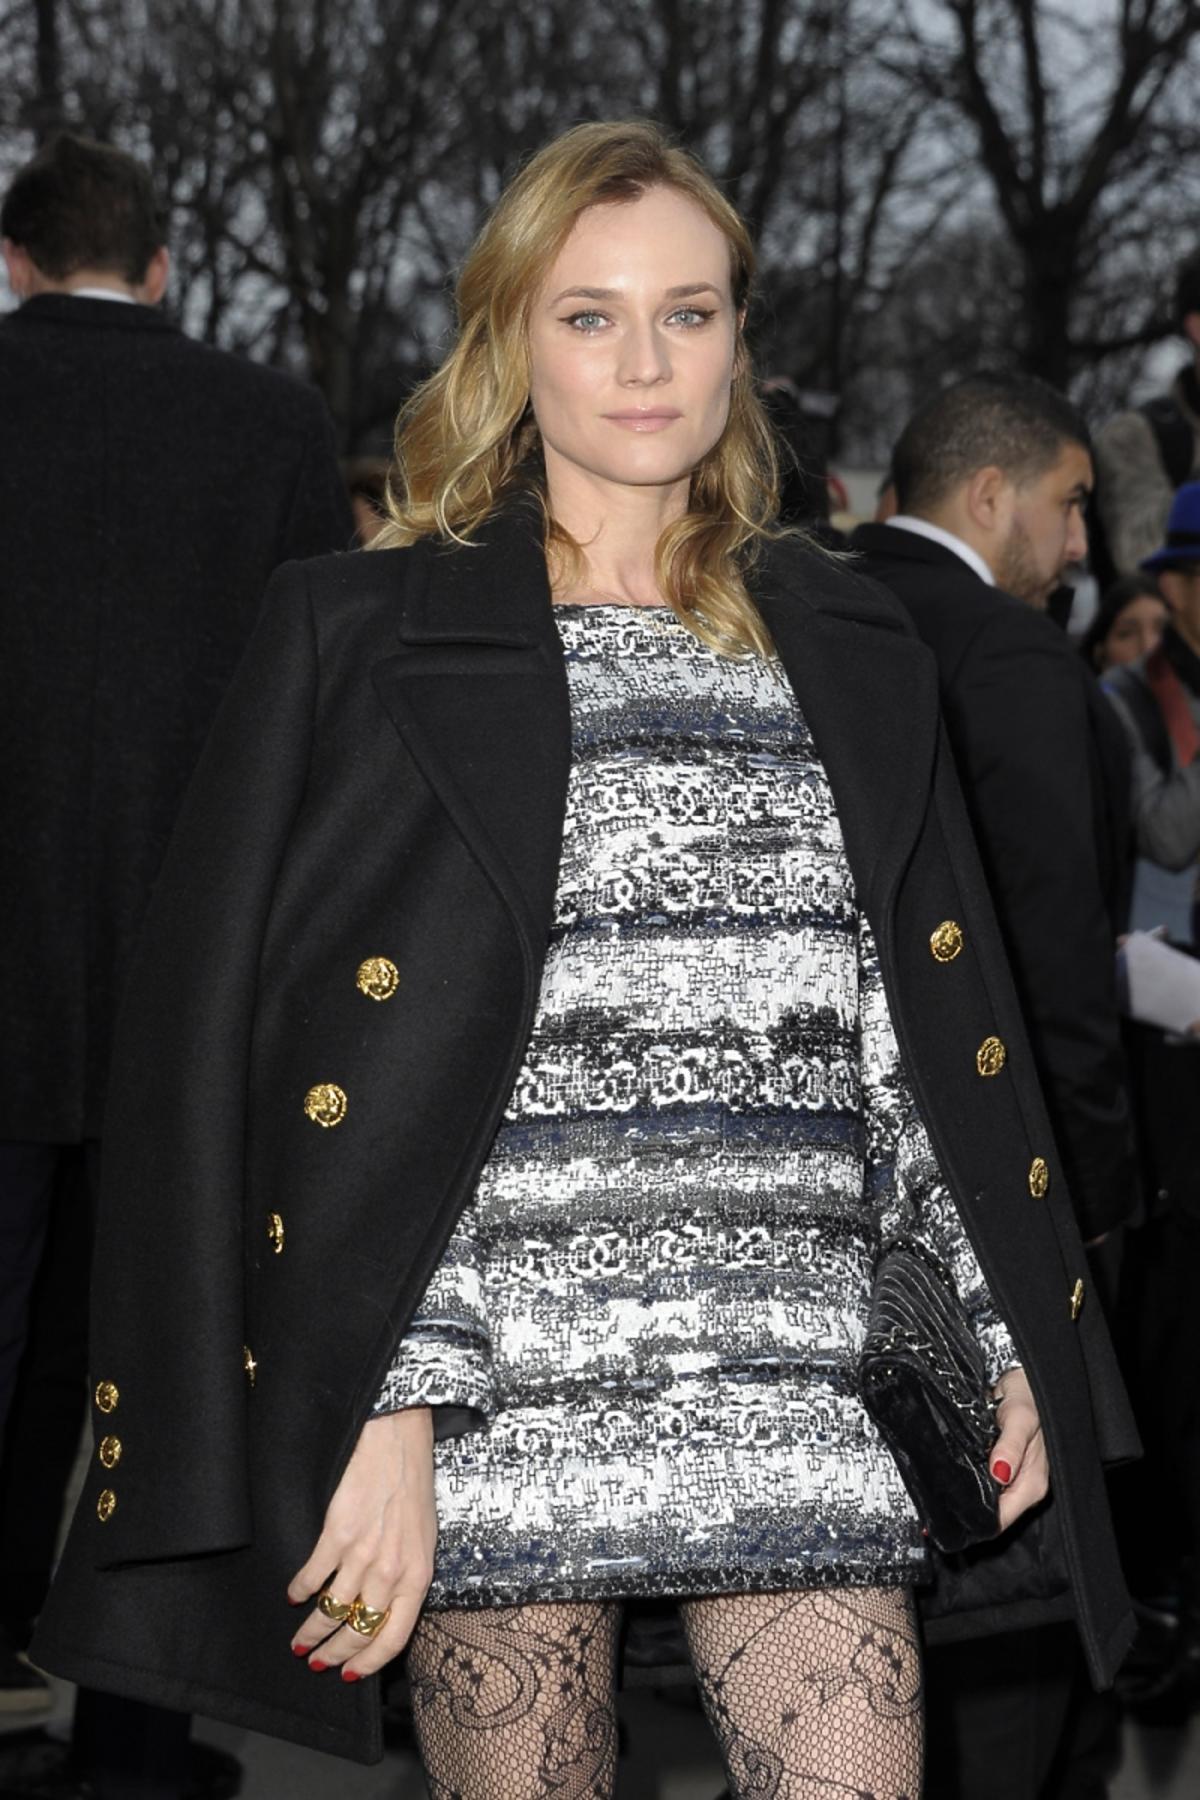 Diane Kruger w koronkowych rajstopach, sukience w paski i czarnym plaszczu militarnym